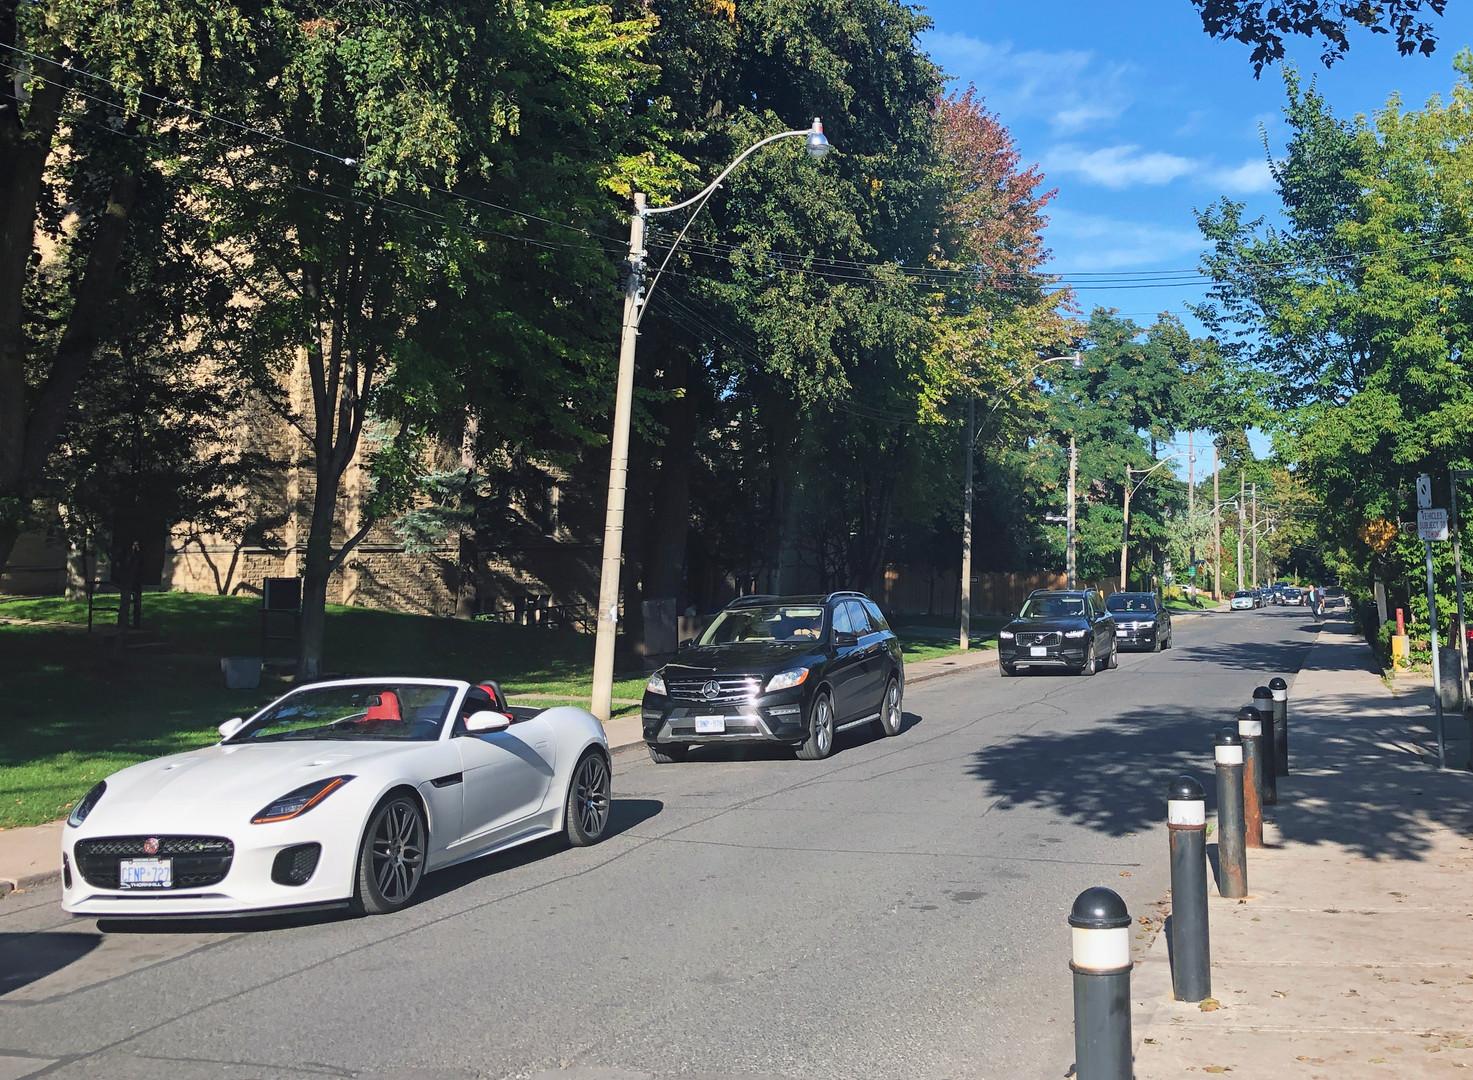 Looking east on Heath Street